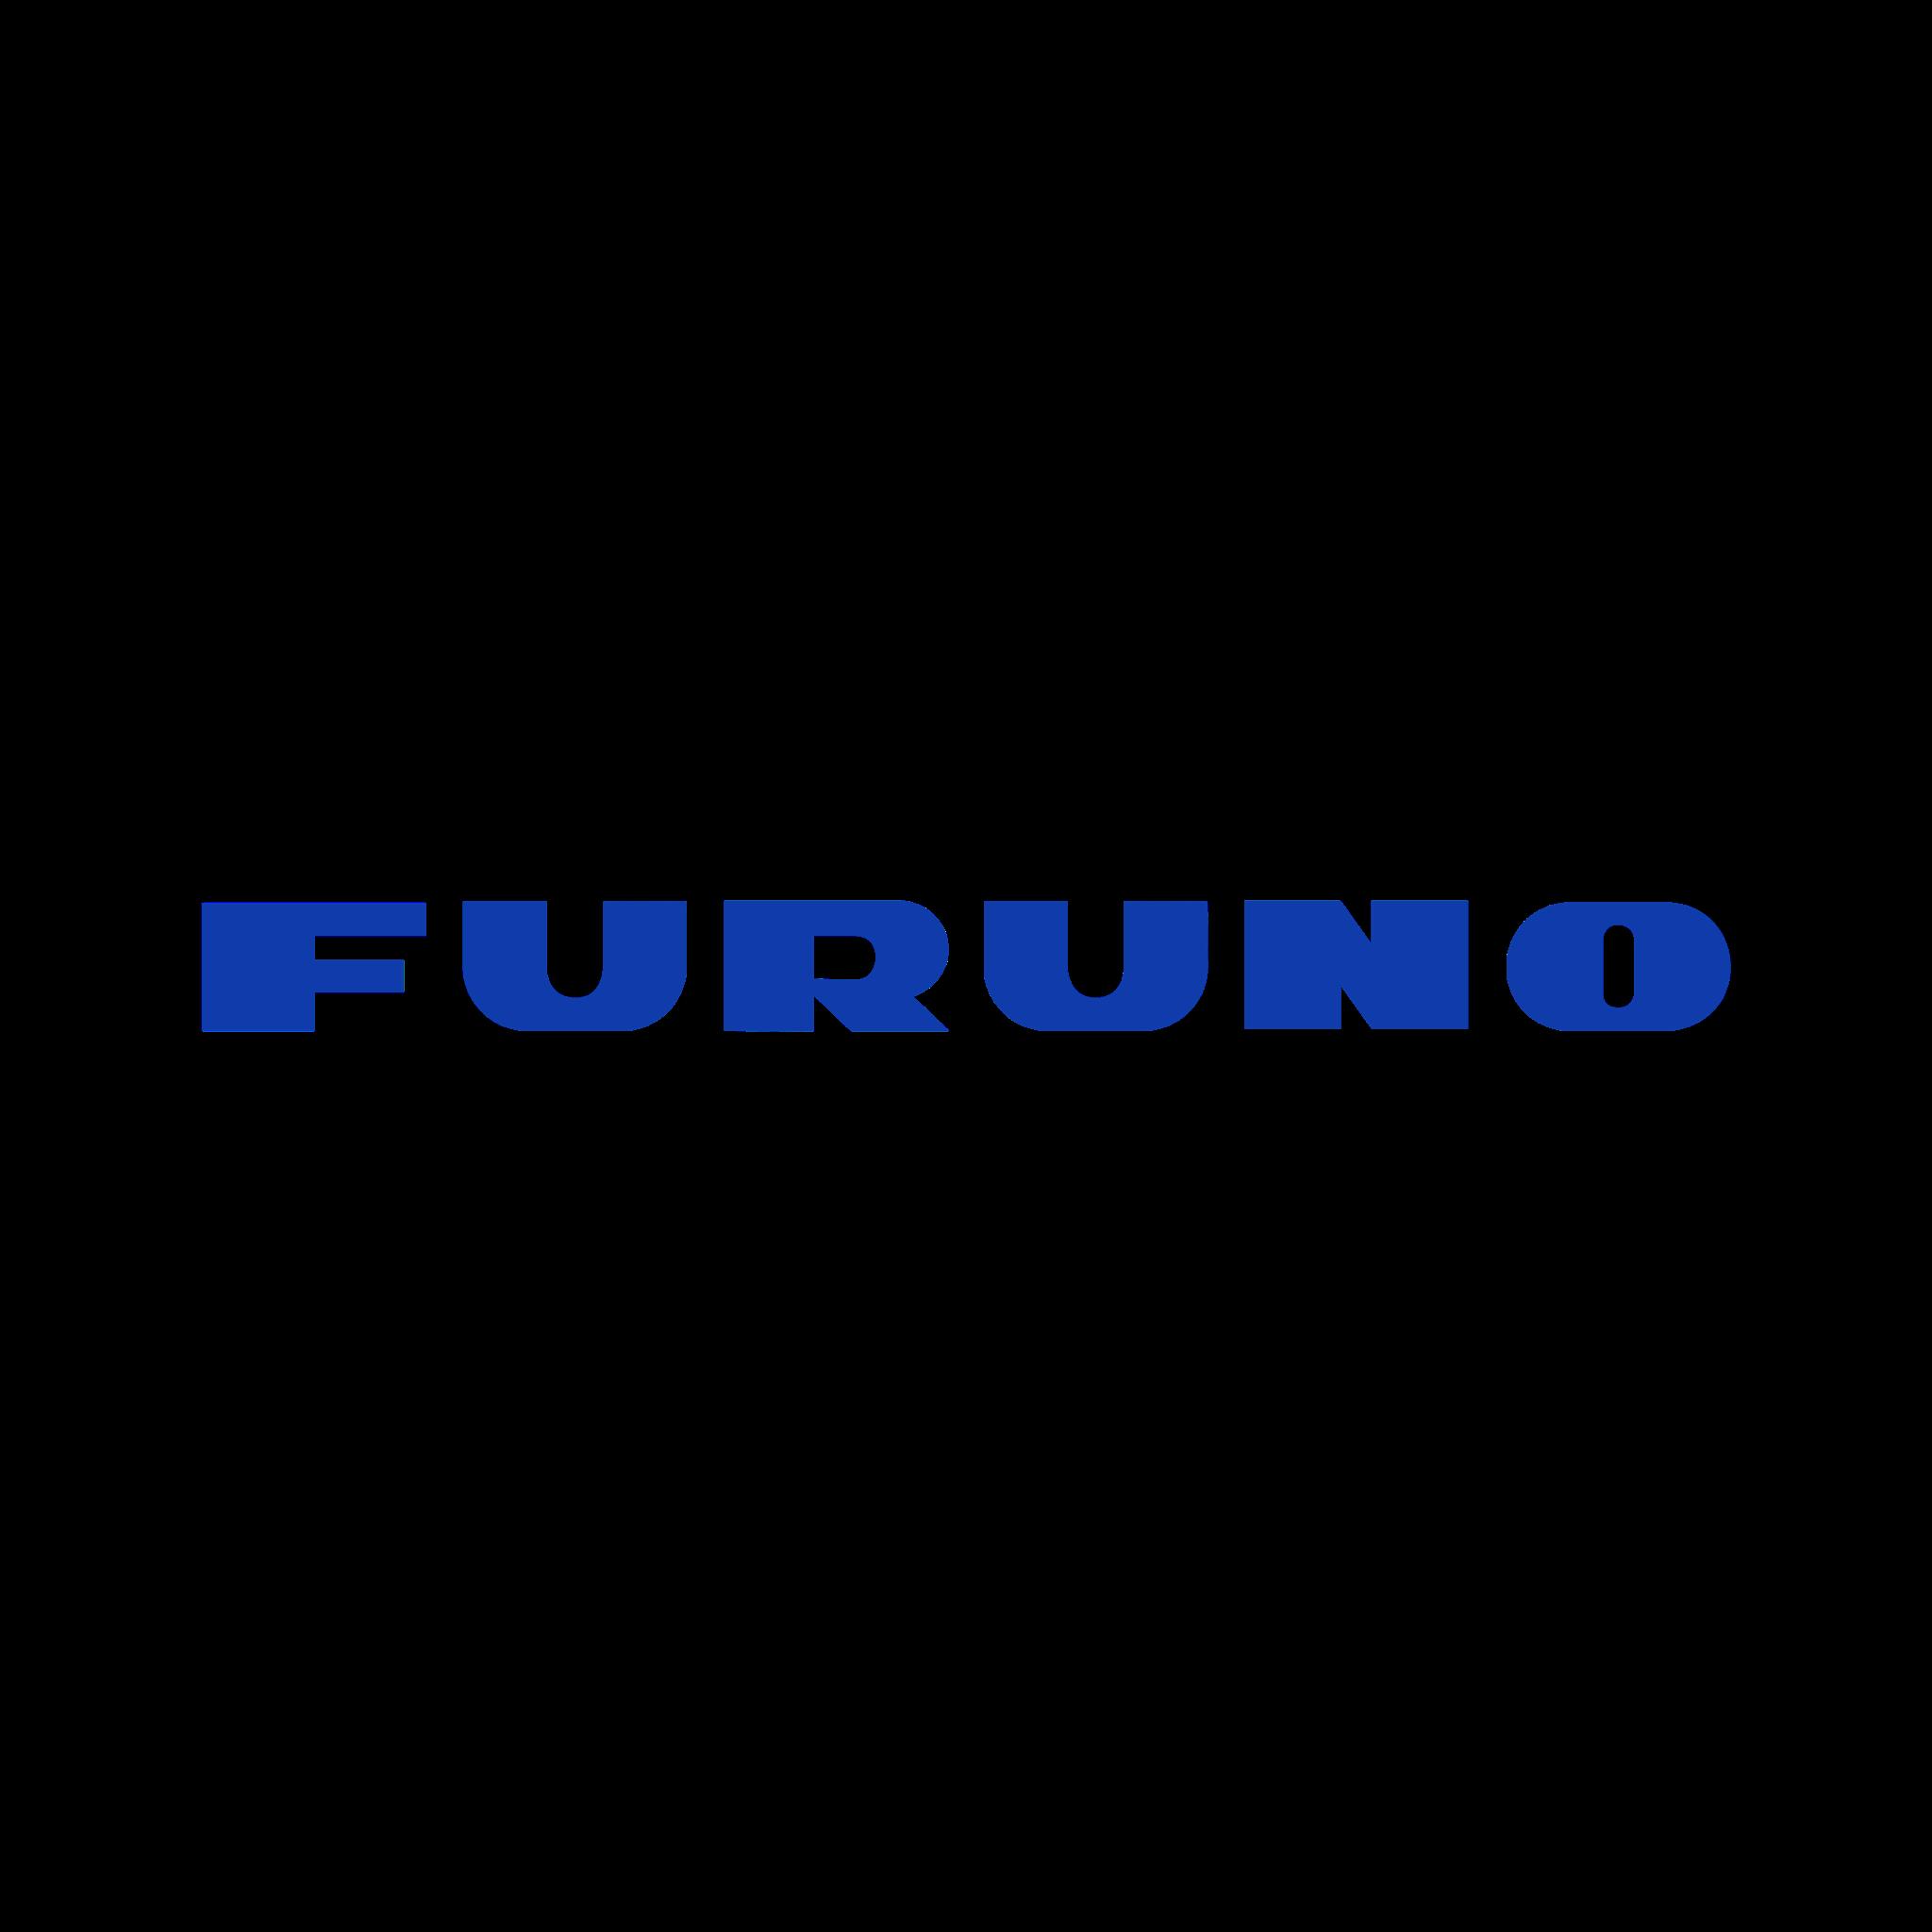 Furuno logo png.PNG